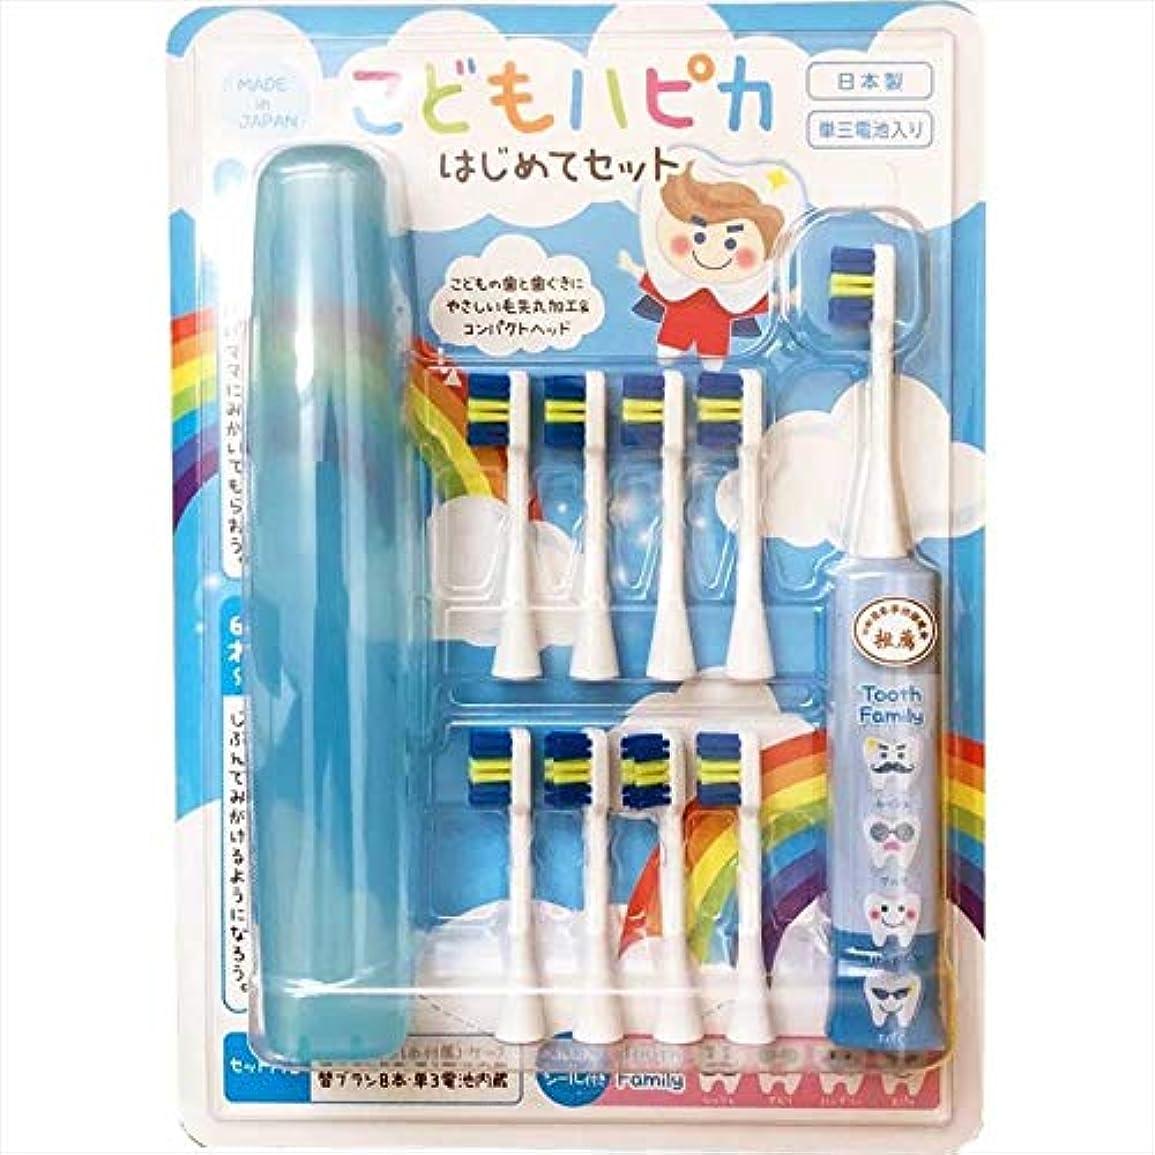 レインコートカートン孤独なこどもハピカセット ブルー 子供用電動歯ブラシ